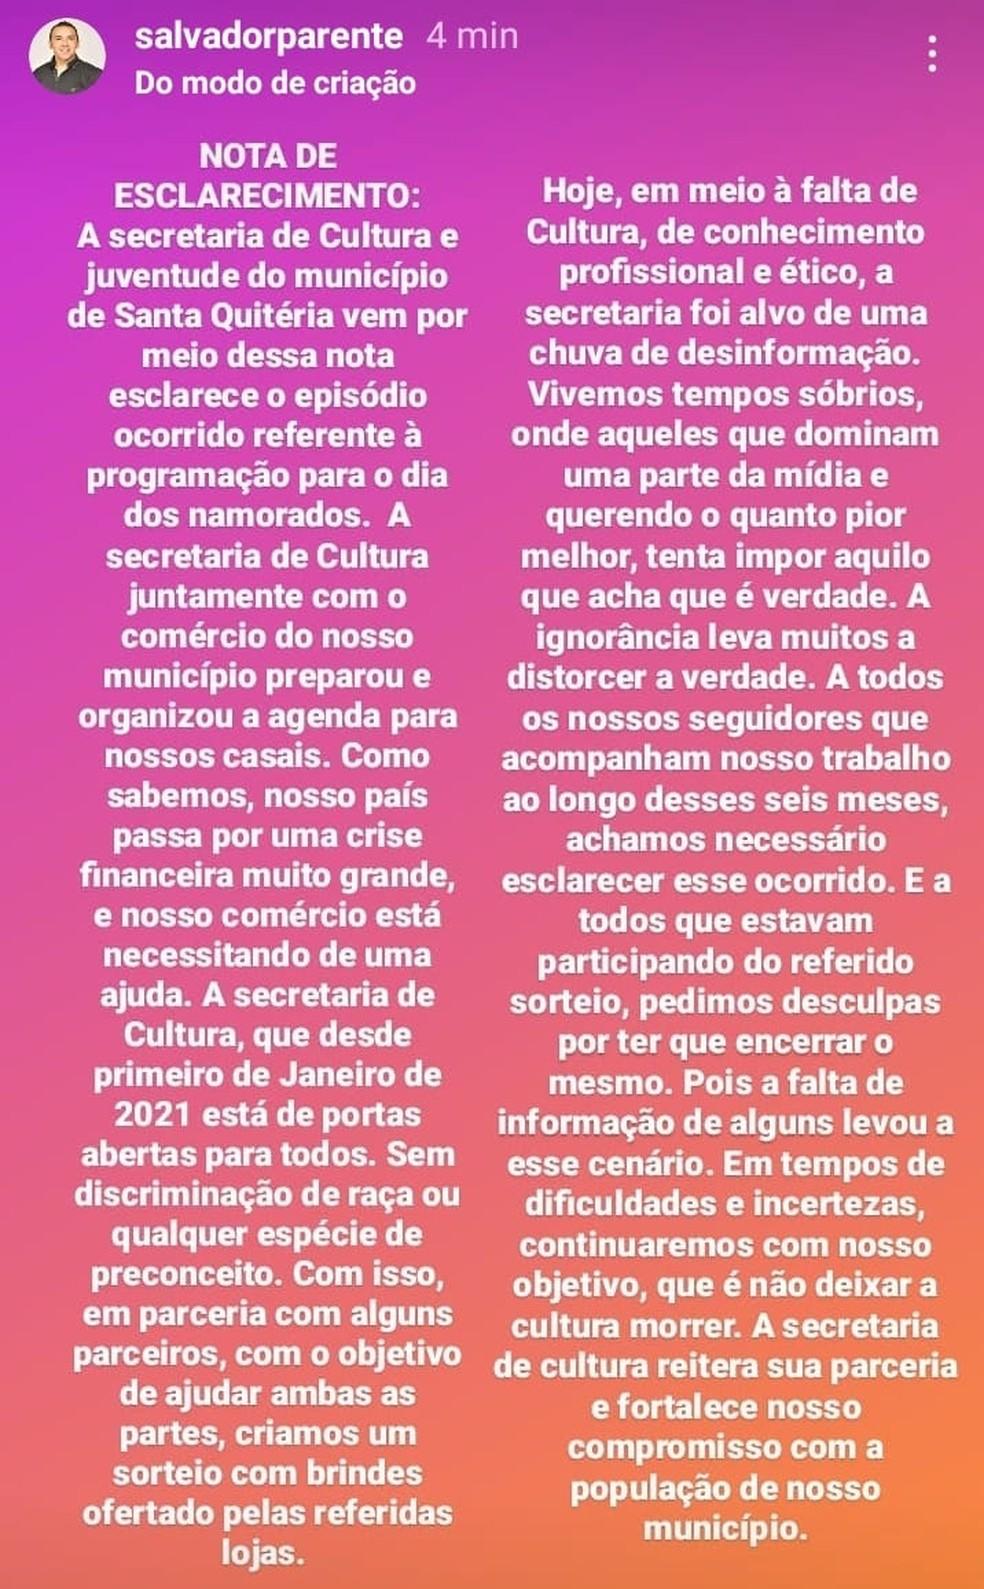 Secretário de Cultura da cidade de Santa Quitéria, Salvador Parente, divulga nota de esclarecimento após polêmica com sorteio. — Foto: Instagram/ Reprdução